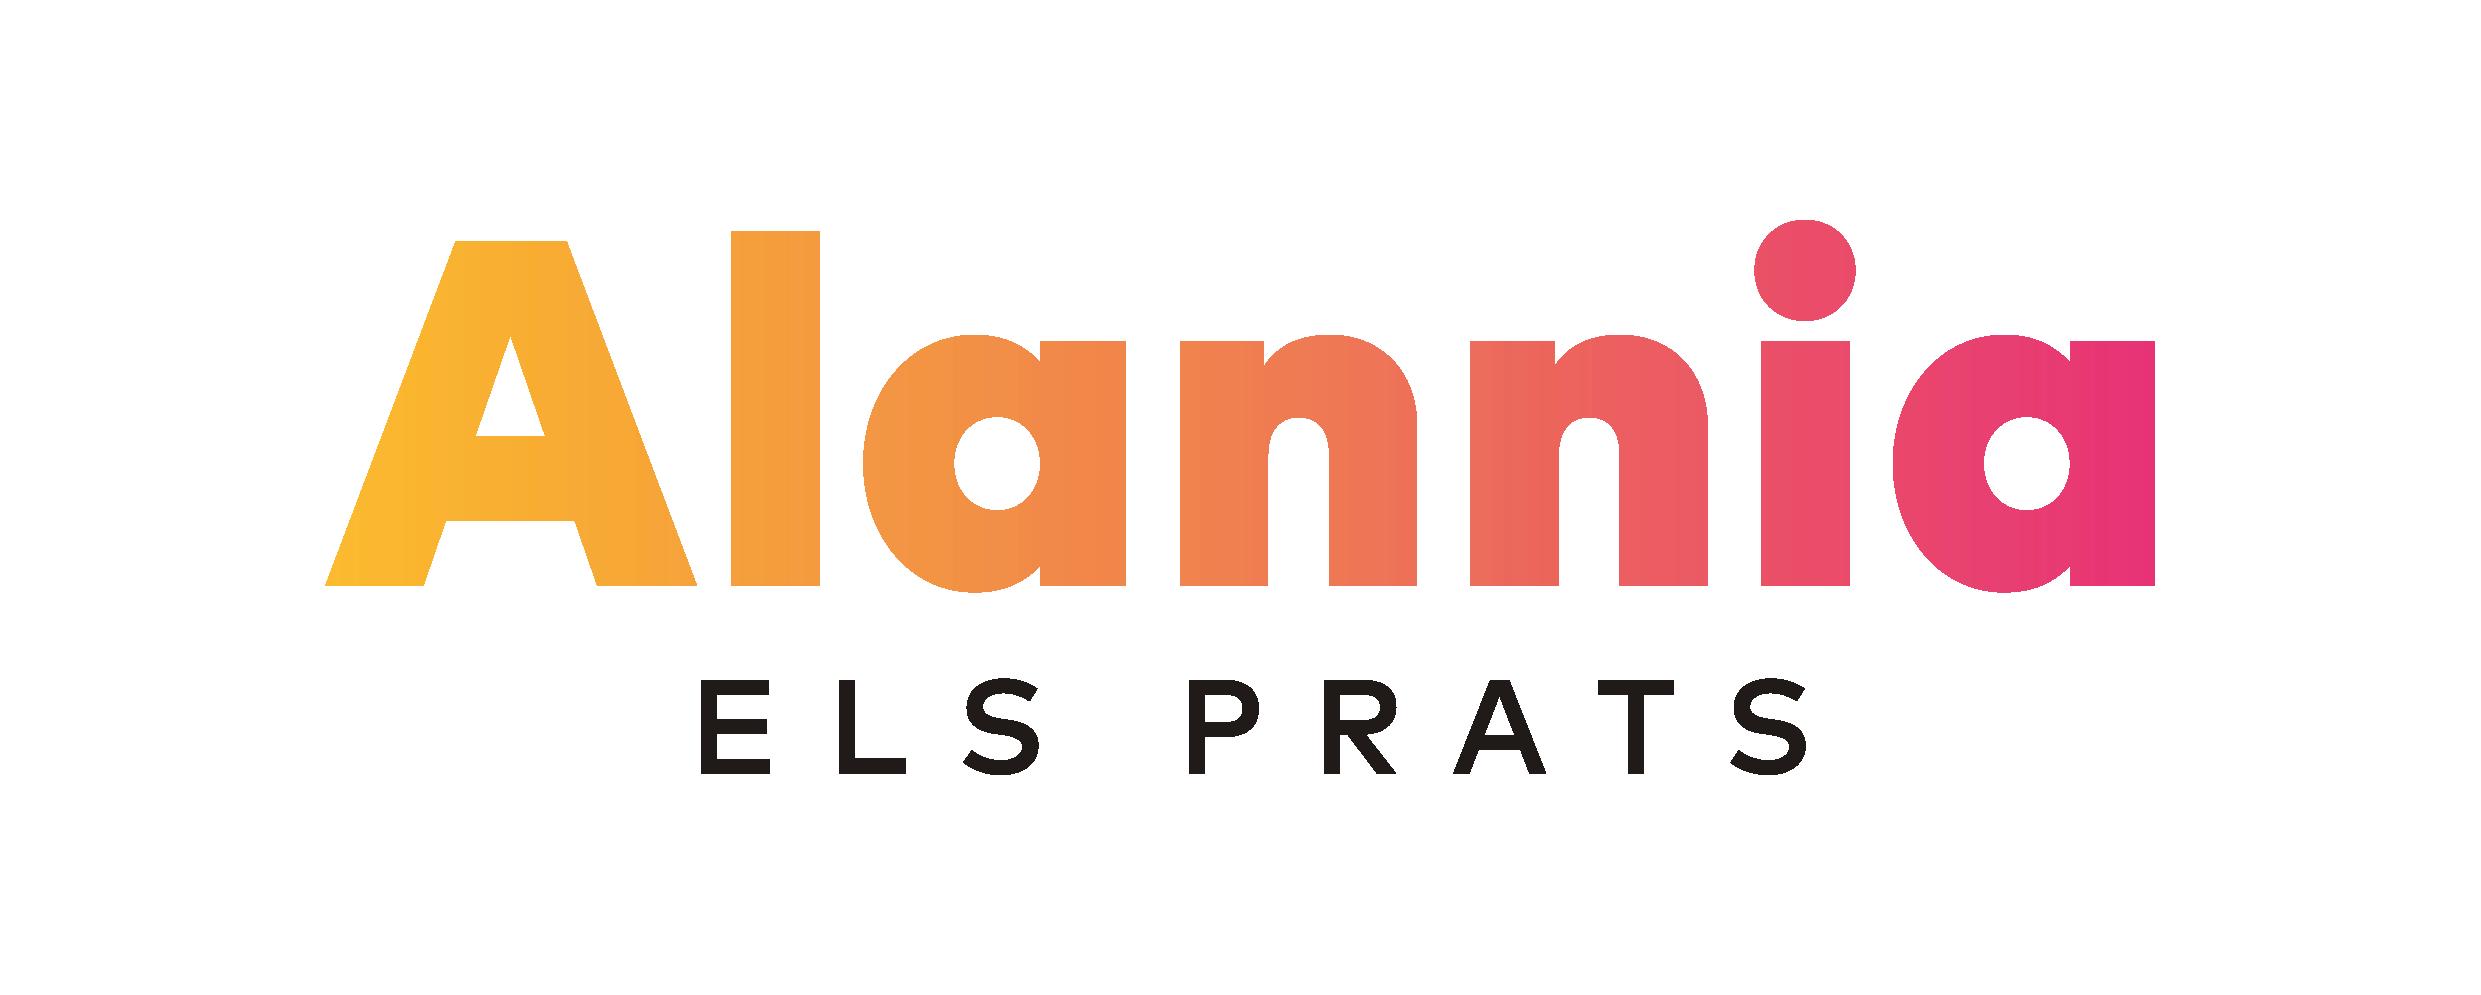 Alannia Els Prats